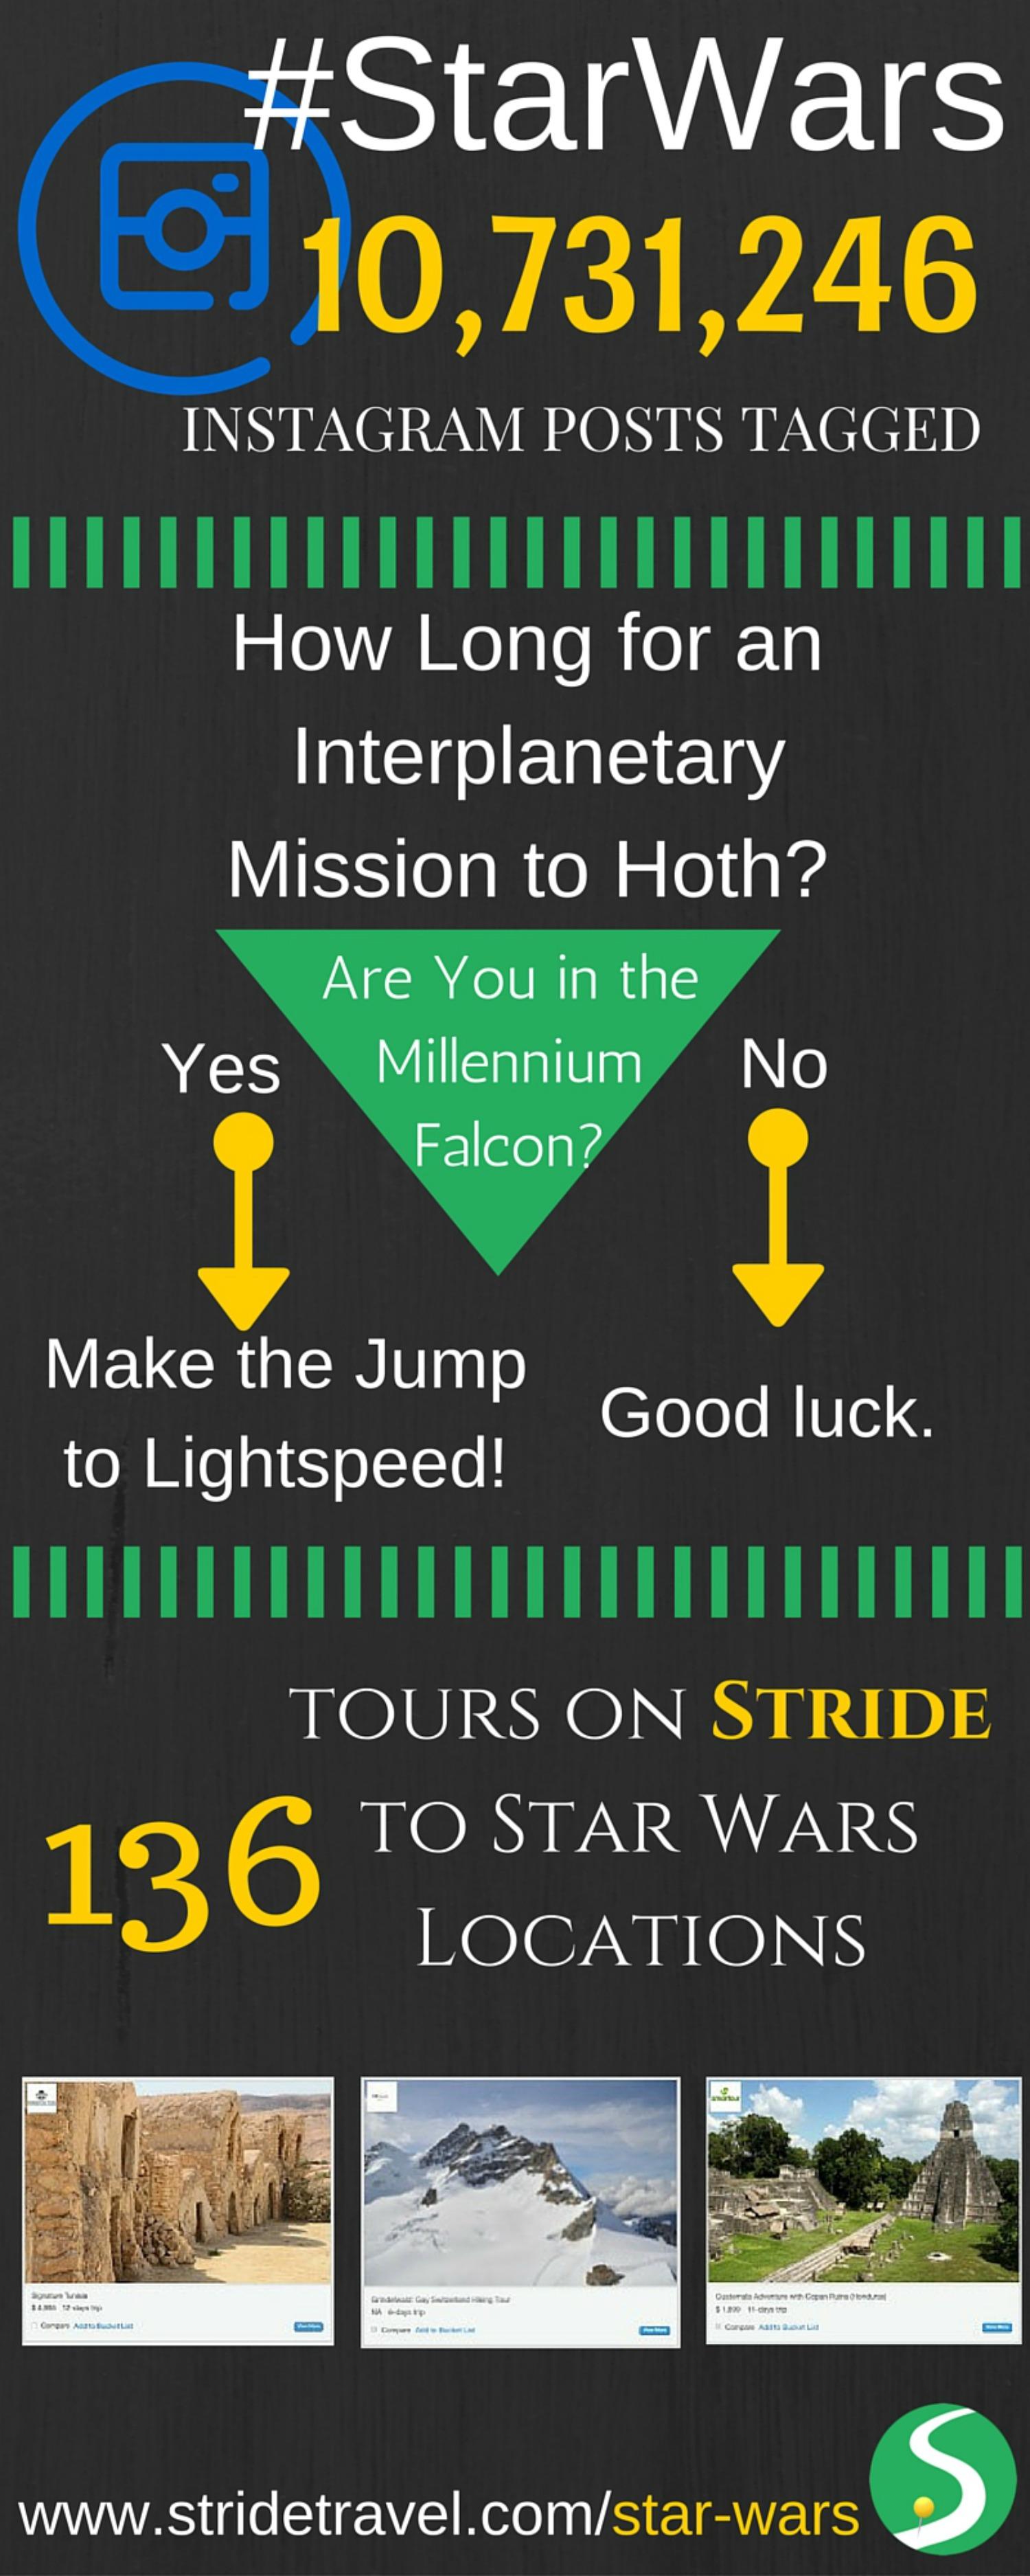 SW Infographic 3.3